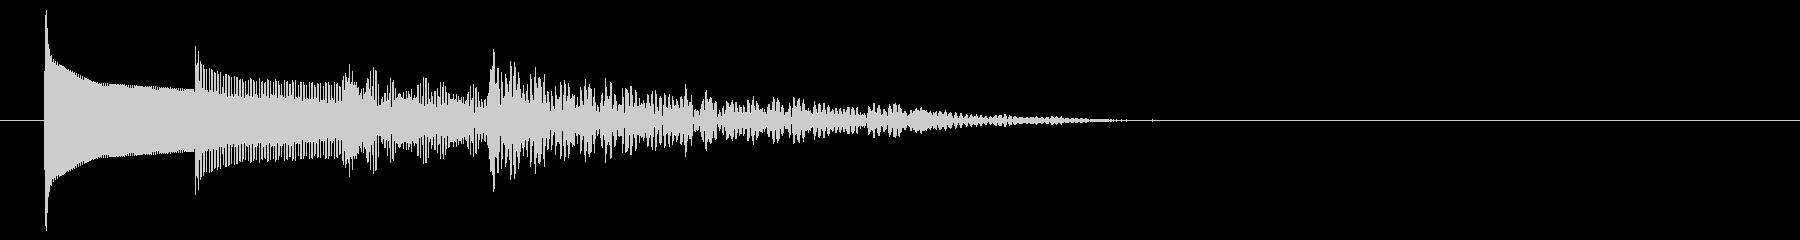 チャイム 17の未再生の波形